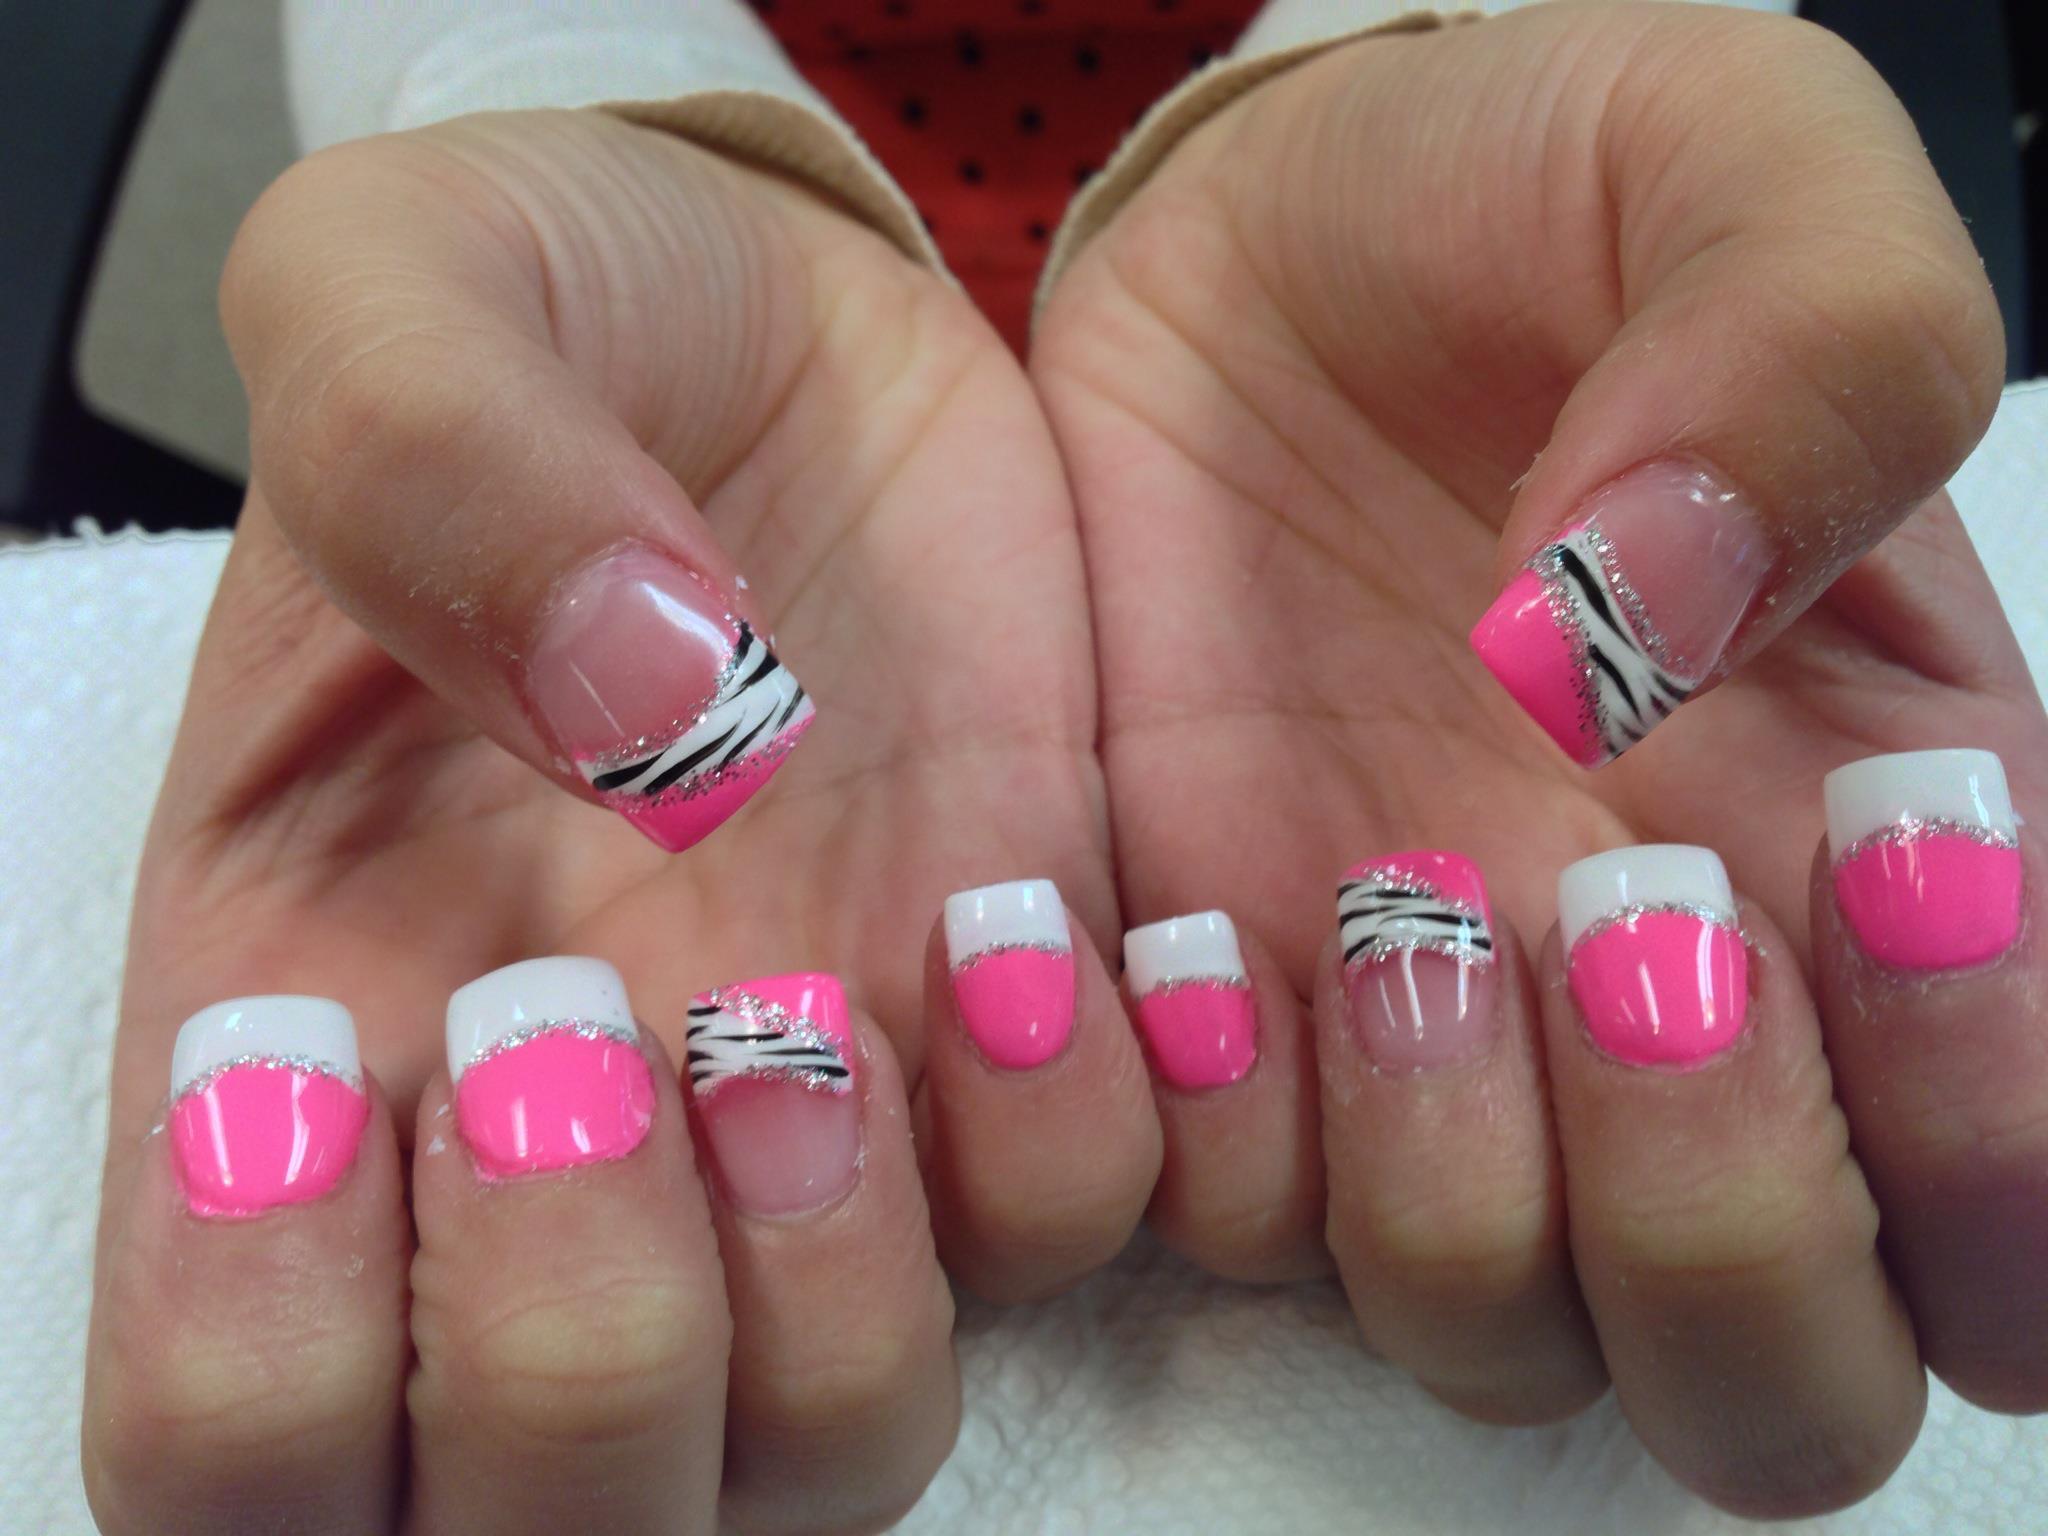 Hidden Pink Zebra Nail Art Designs By Top Nails Clarksville Tn Top Nails